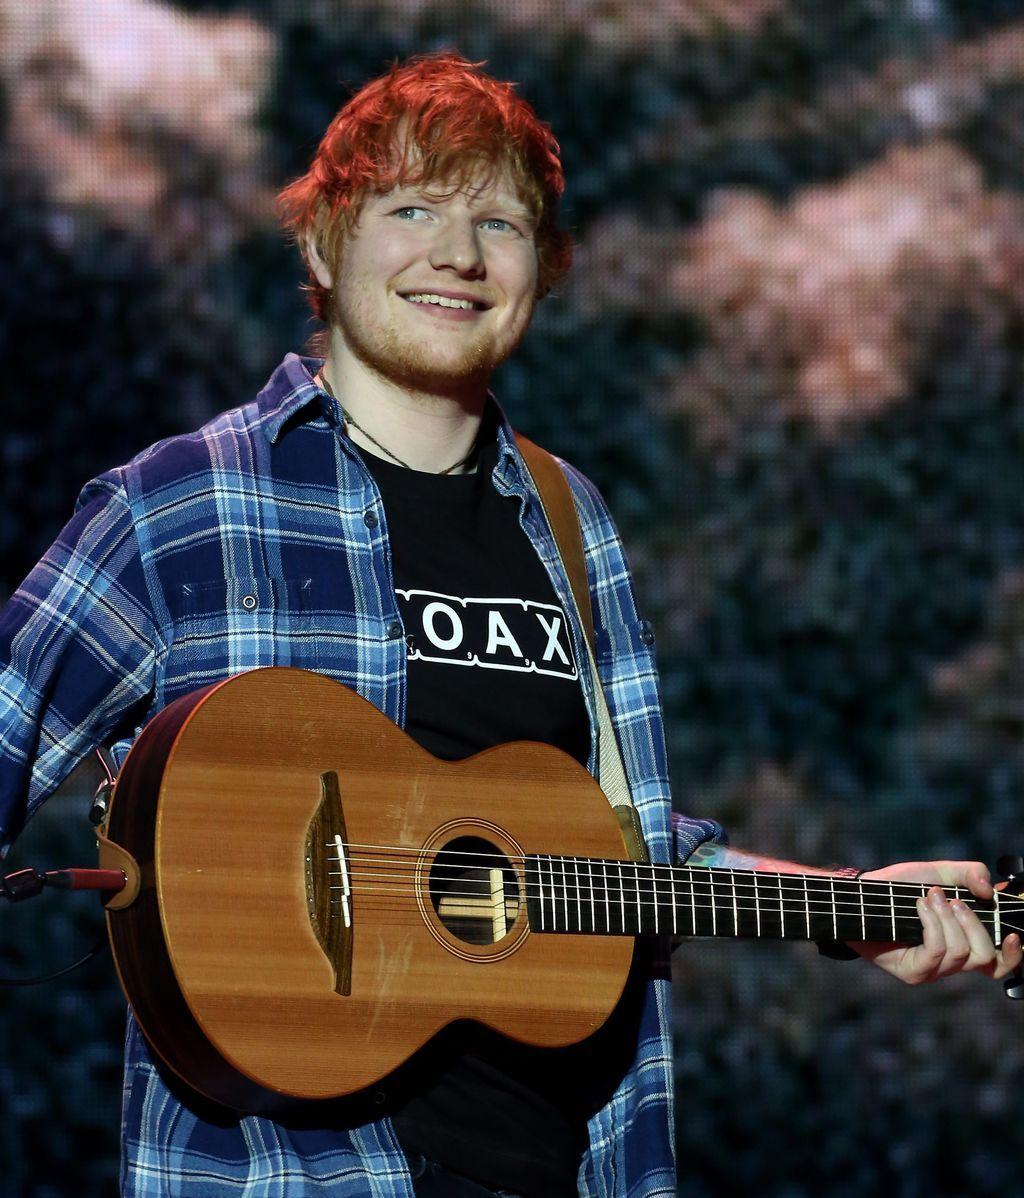 Sufre parálisis tras caerse desde una altura de 30 metros para ver a Ed Sheeran